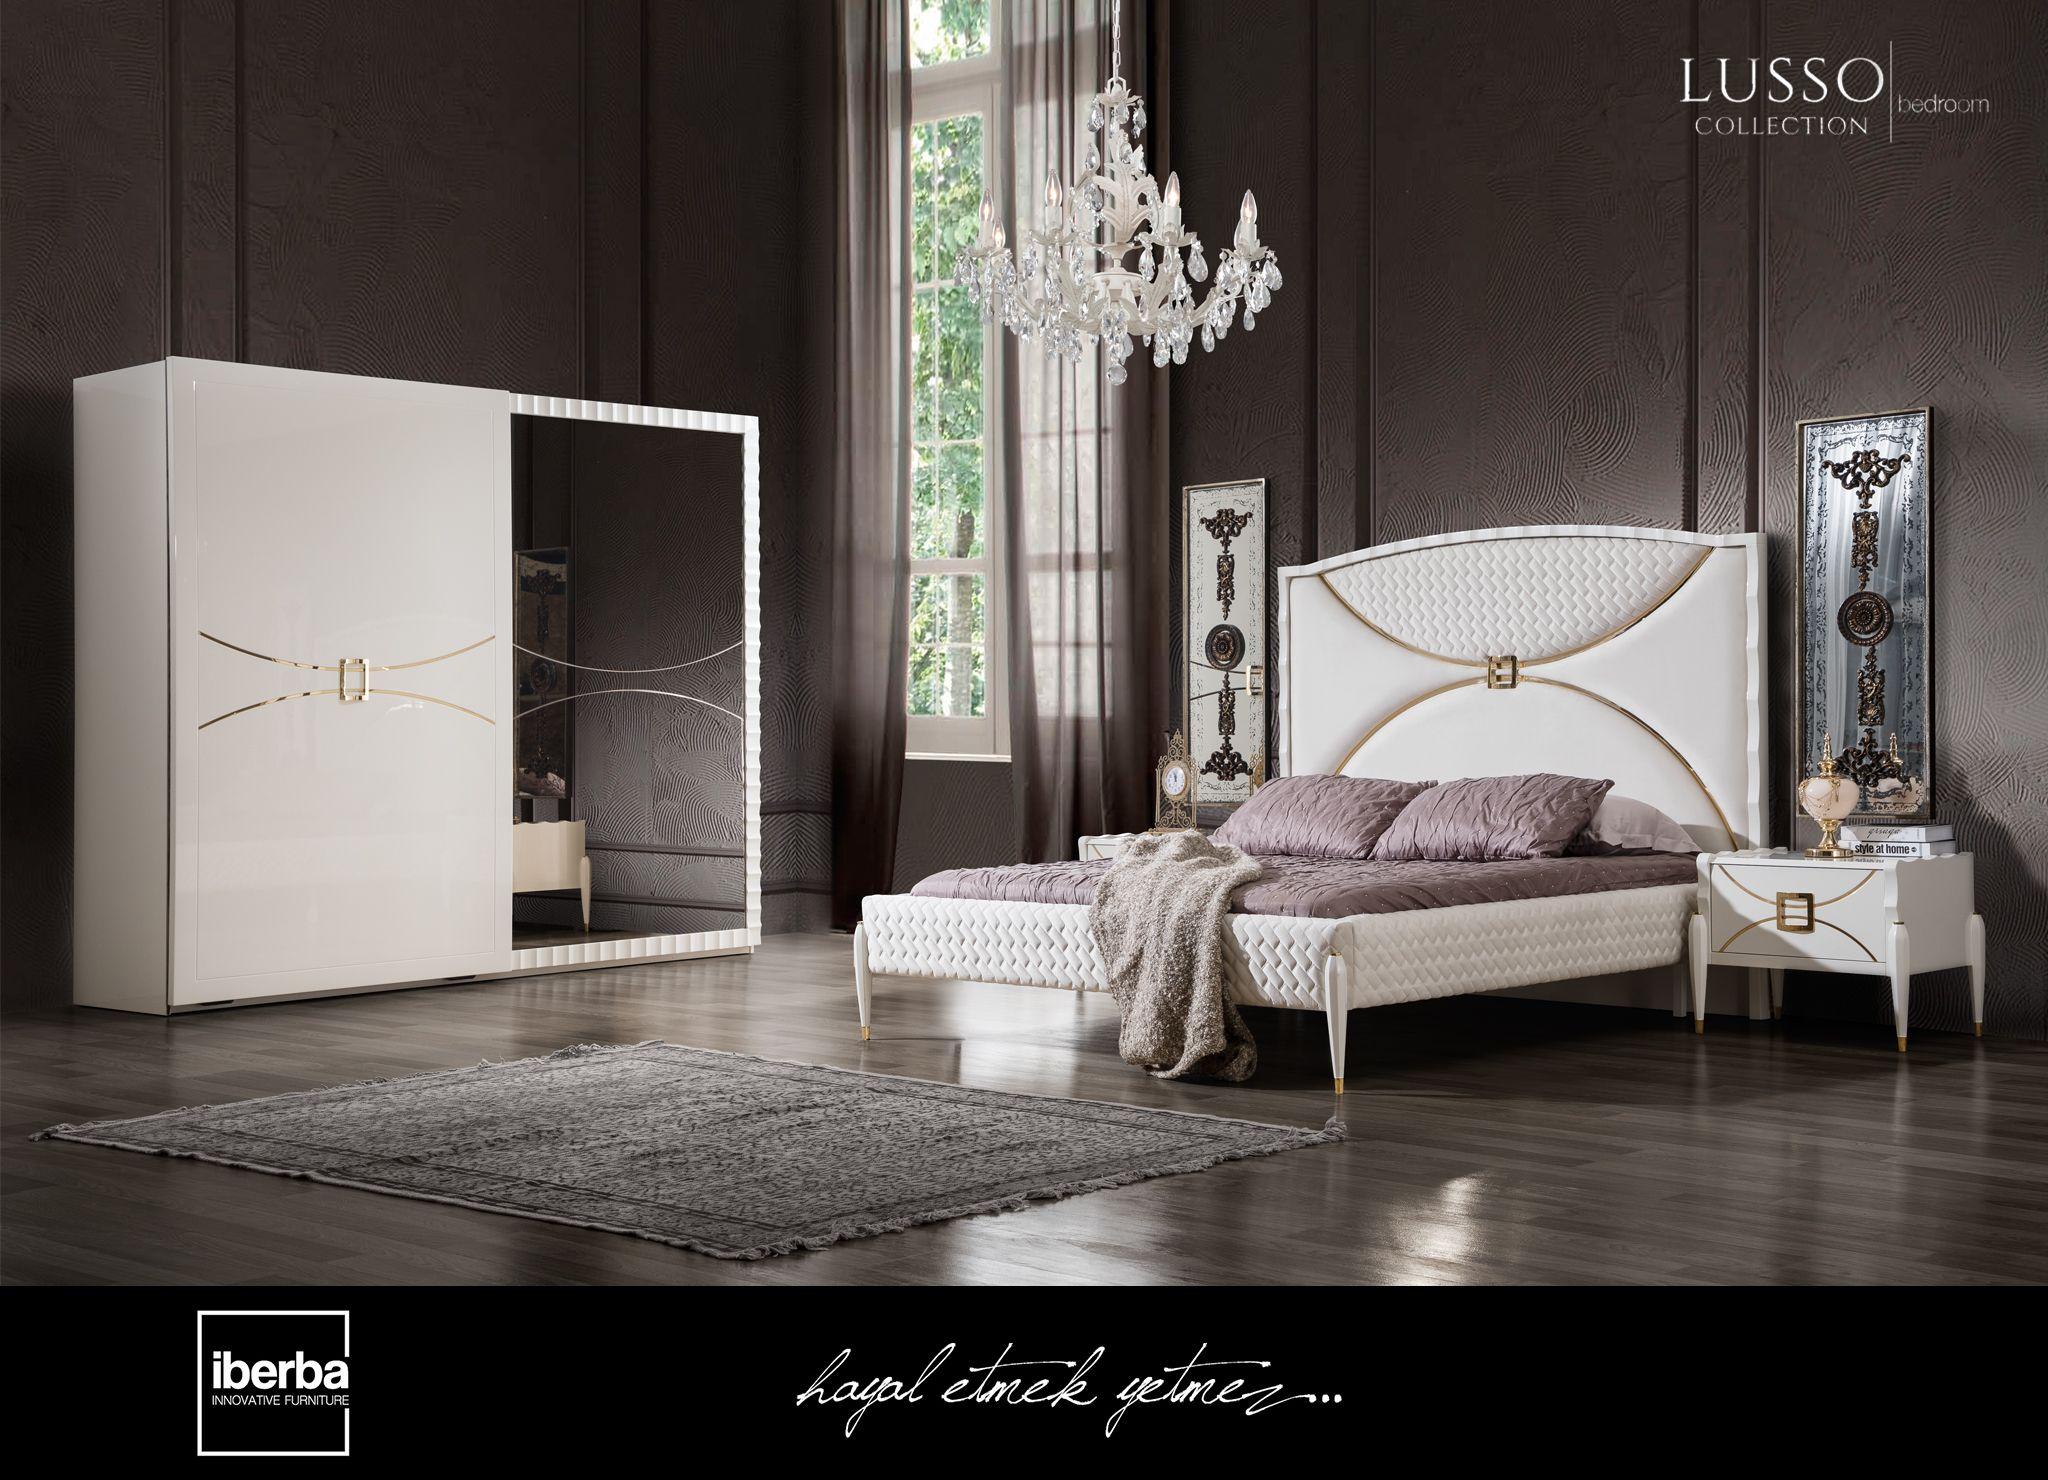 Sadeliğin içine gizlenmiş; Göz alıcı bir şıklık taşıyan Lusso Yatak Odası; İkna edici tasarımı, üst düzey kalite anlayışıyla, evinizi canlandırıyor. İberba Mobilya.. http://iberba.com/portfolio/lusso-yatak/